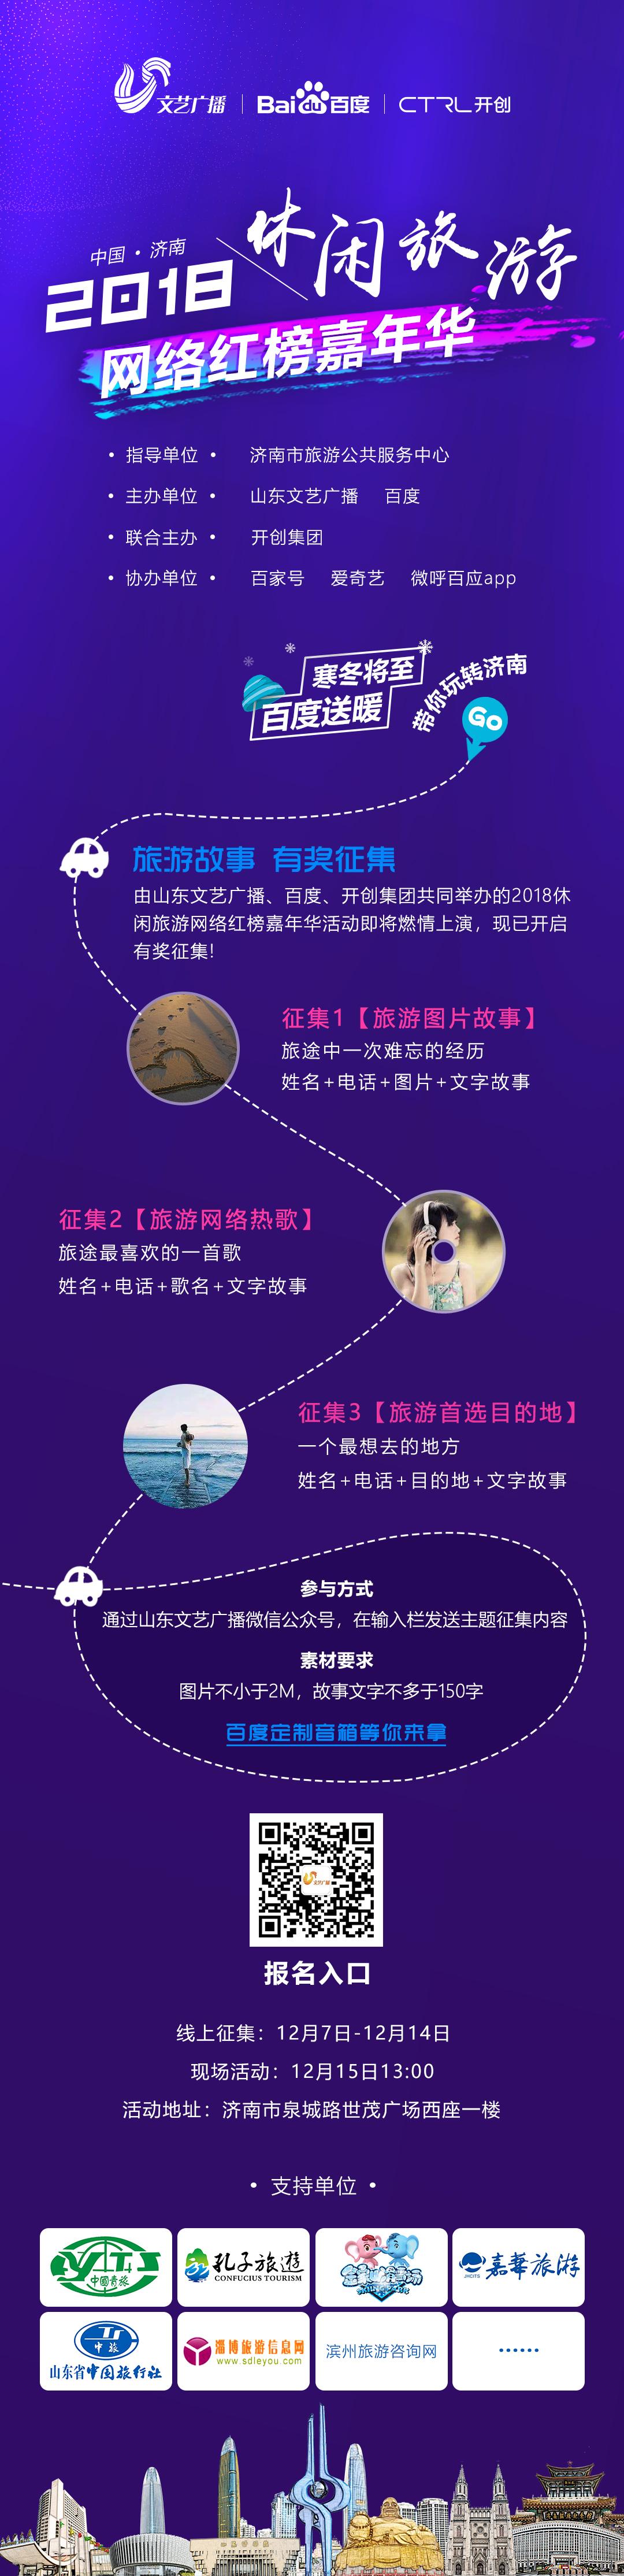 2018休闲旅游网络红榜嘉光阴主题征集落地页